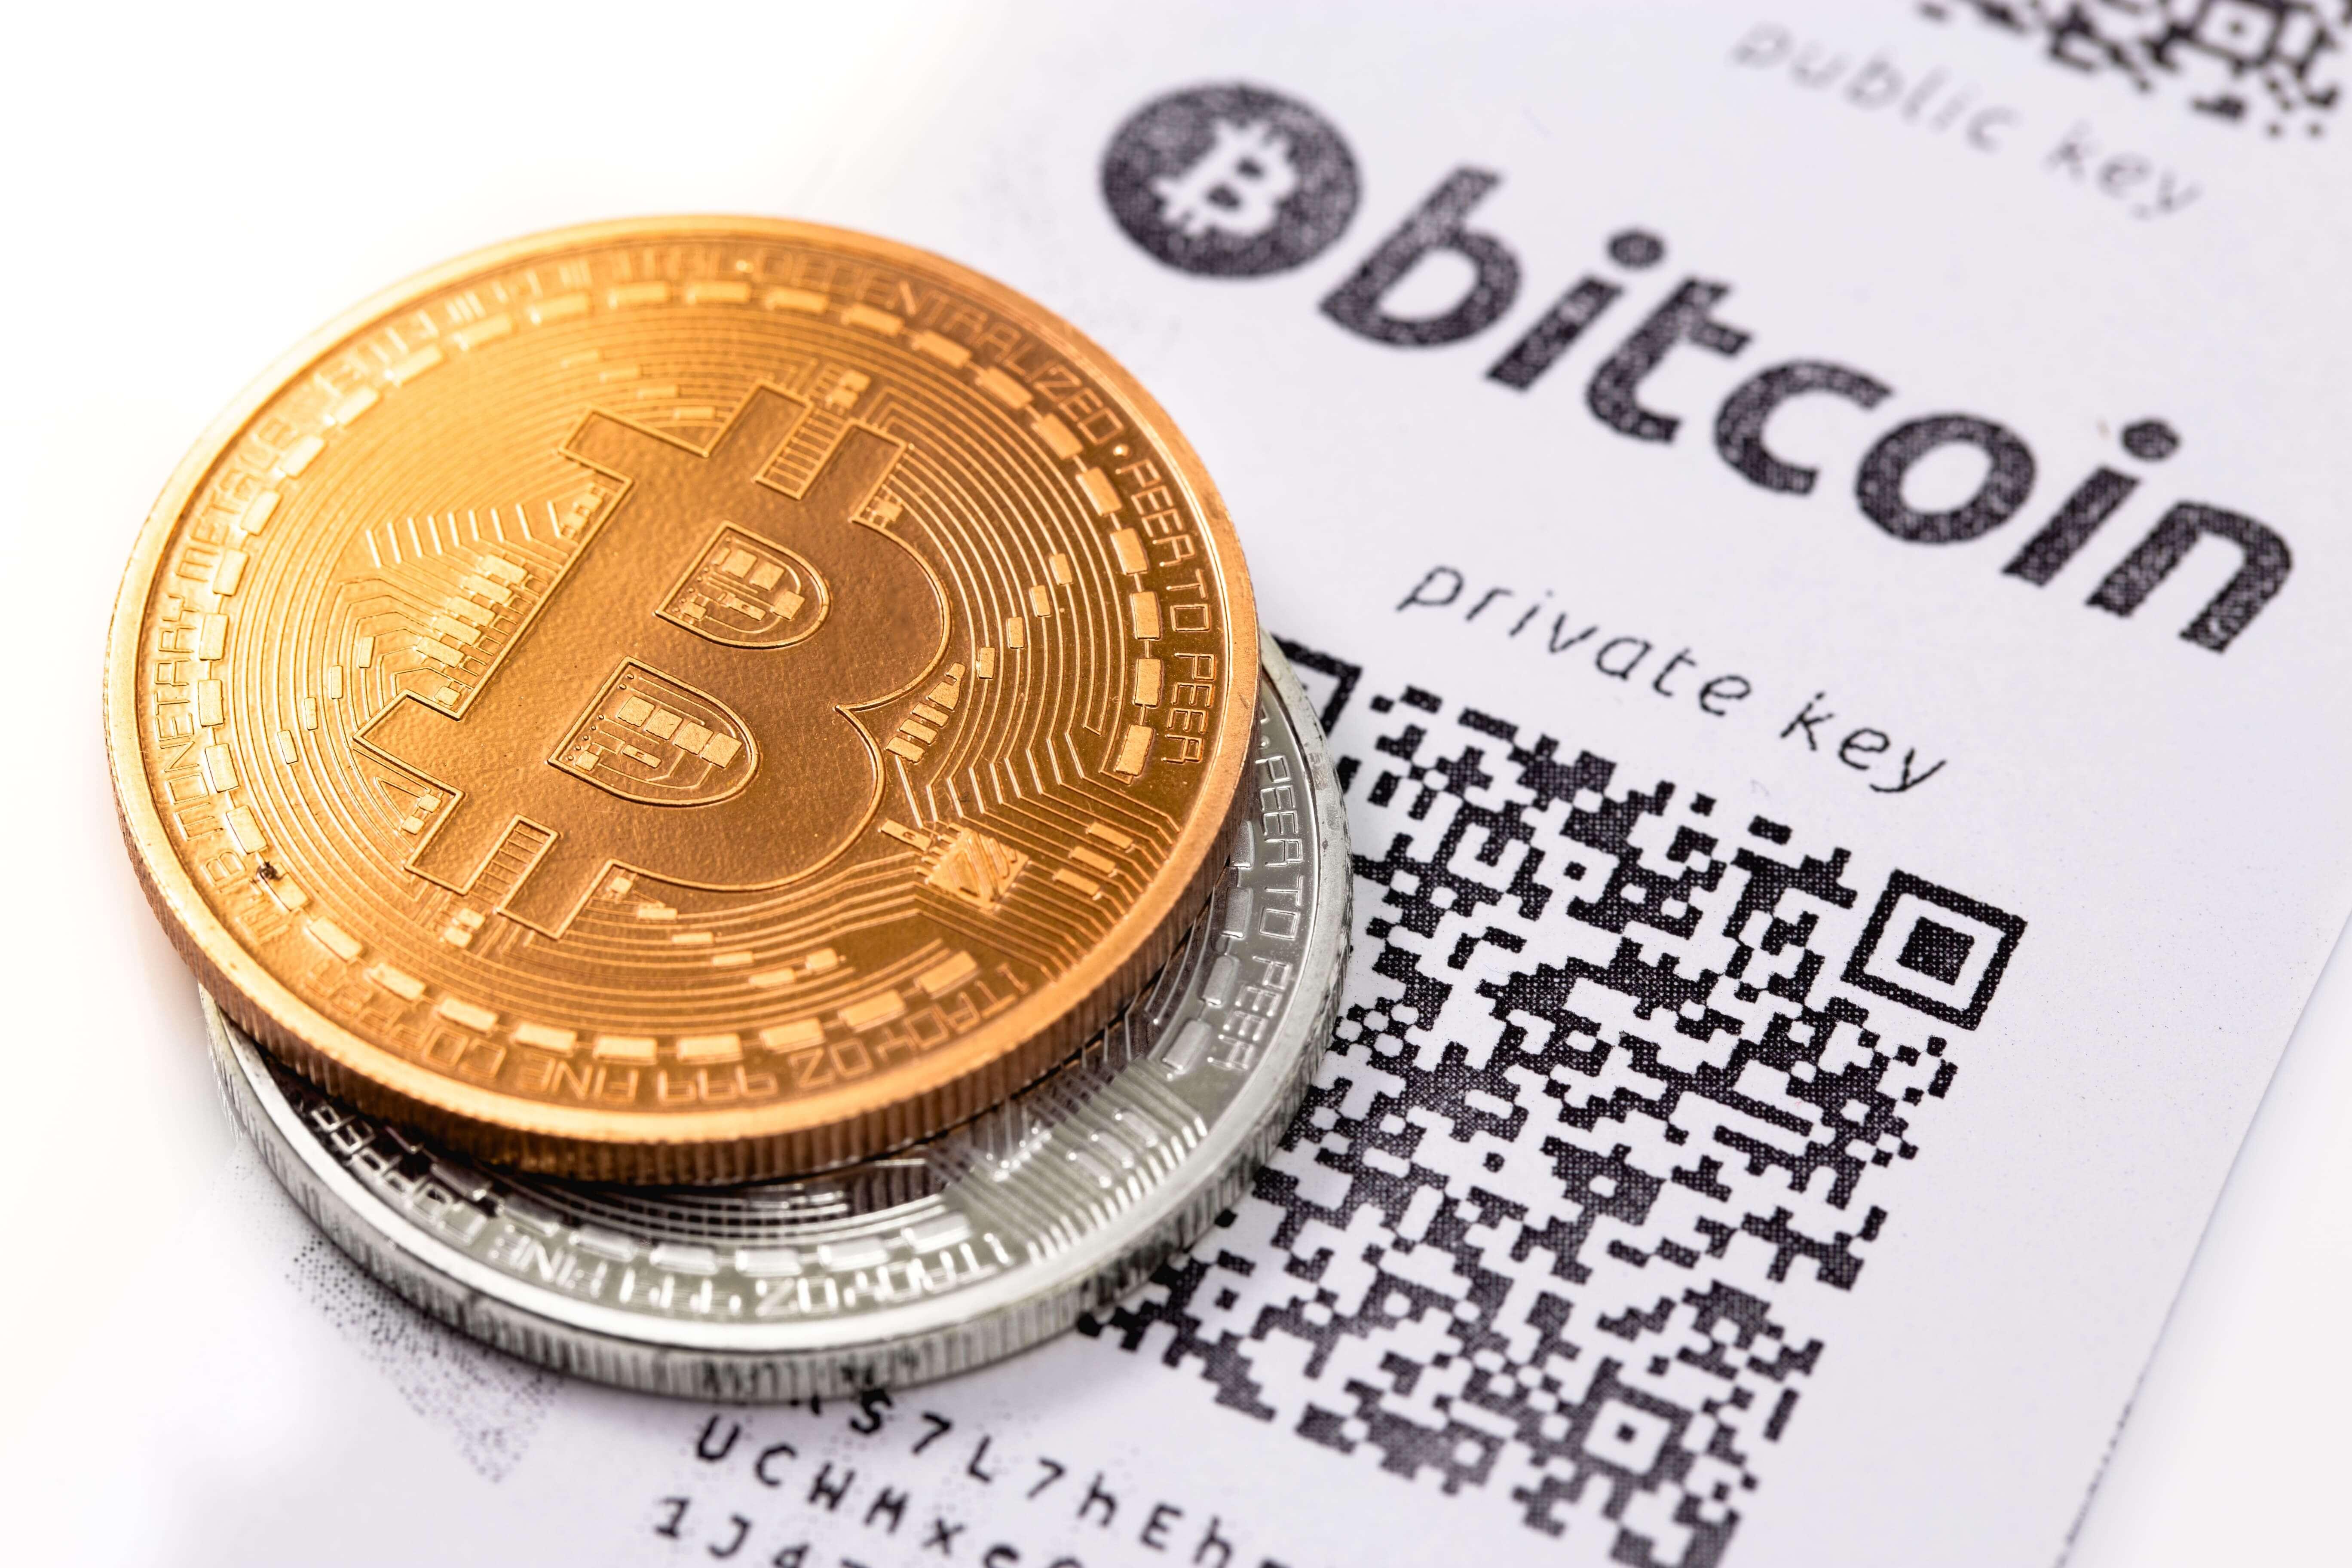 ビットコイン(Bitcoin/BTC)を使ってショッピング!買い物をする方法は?